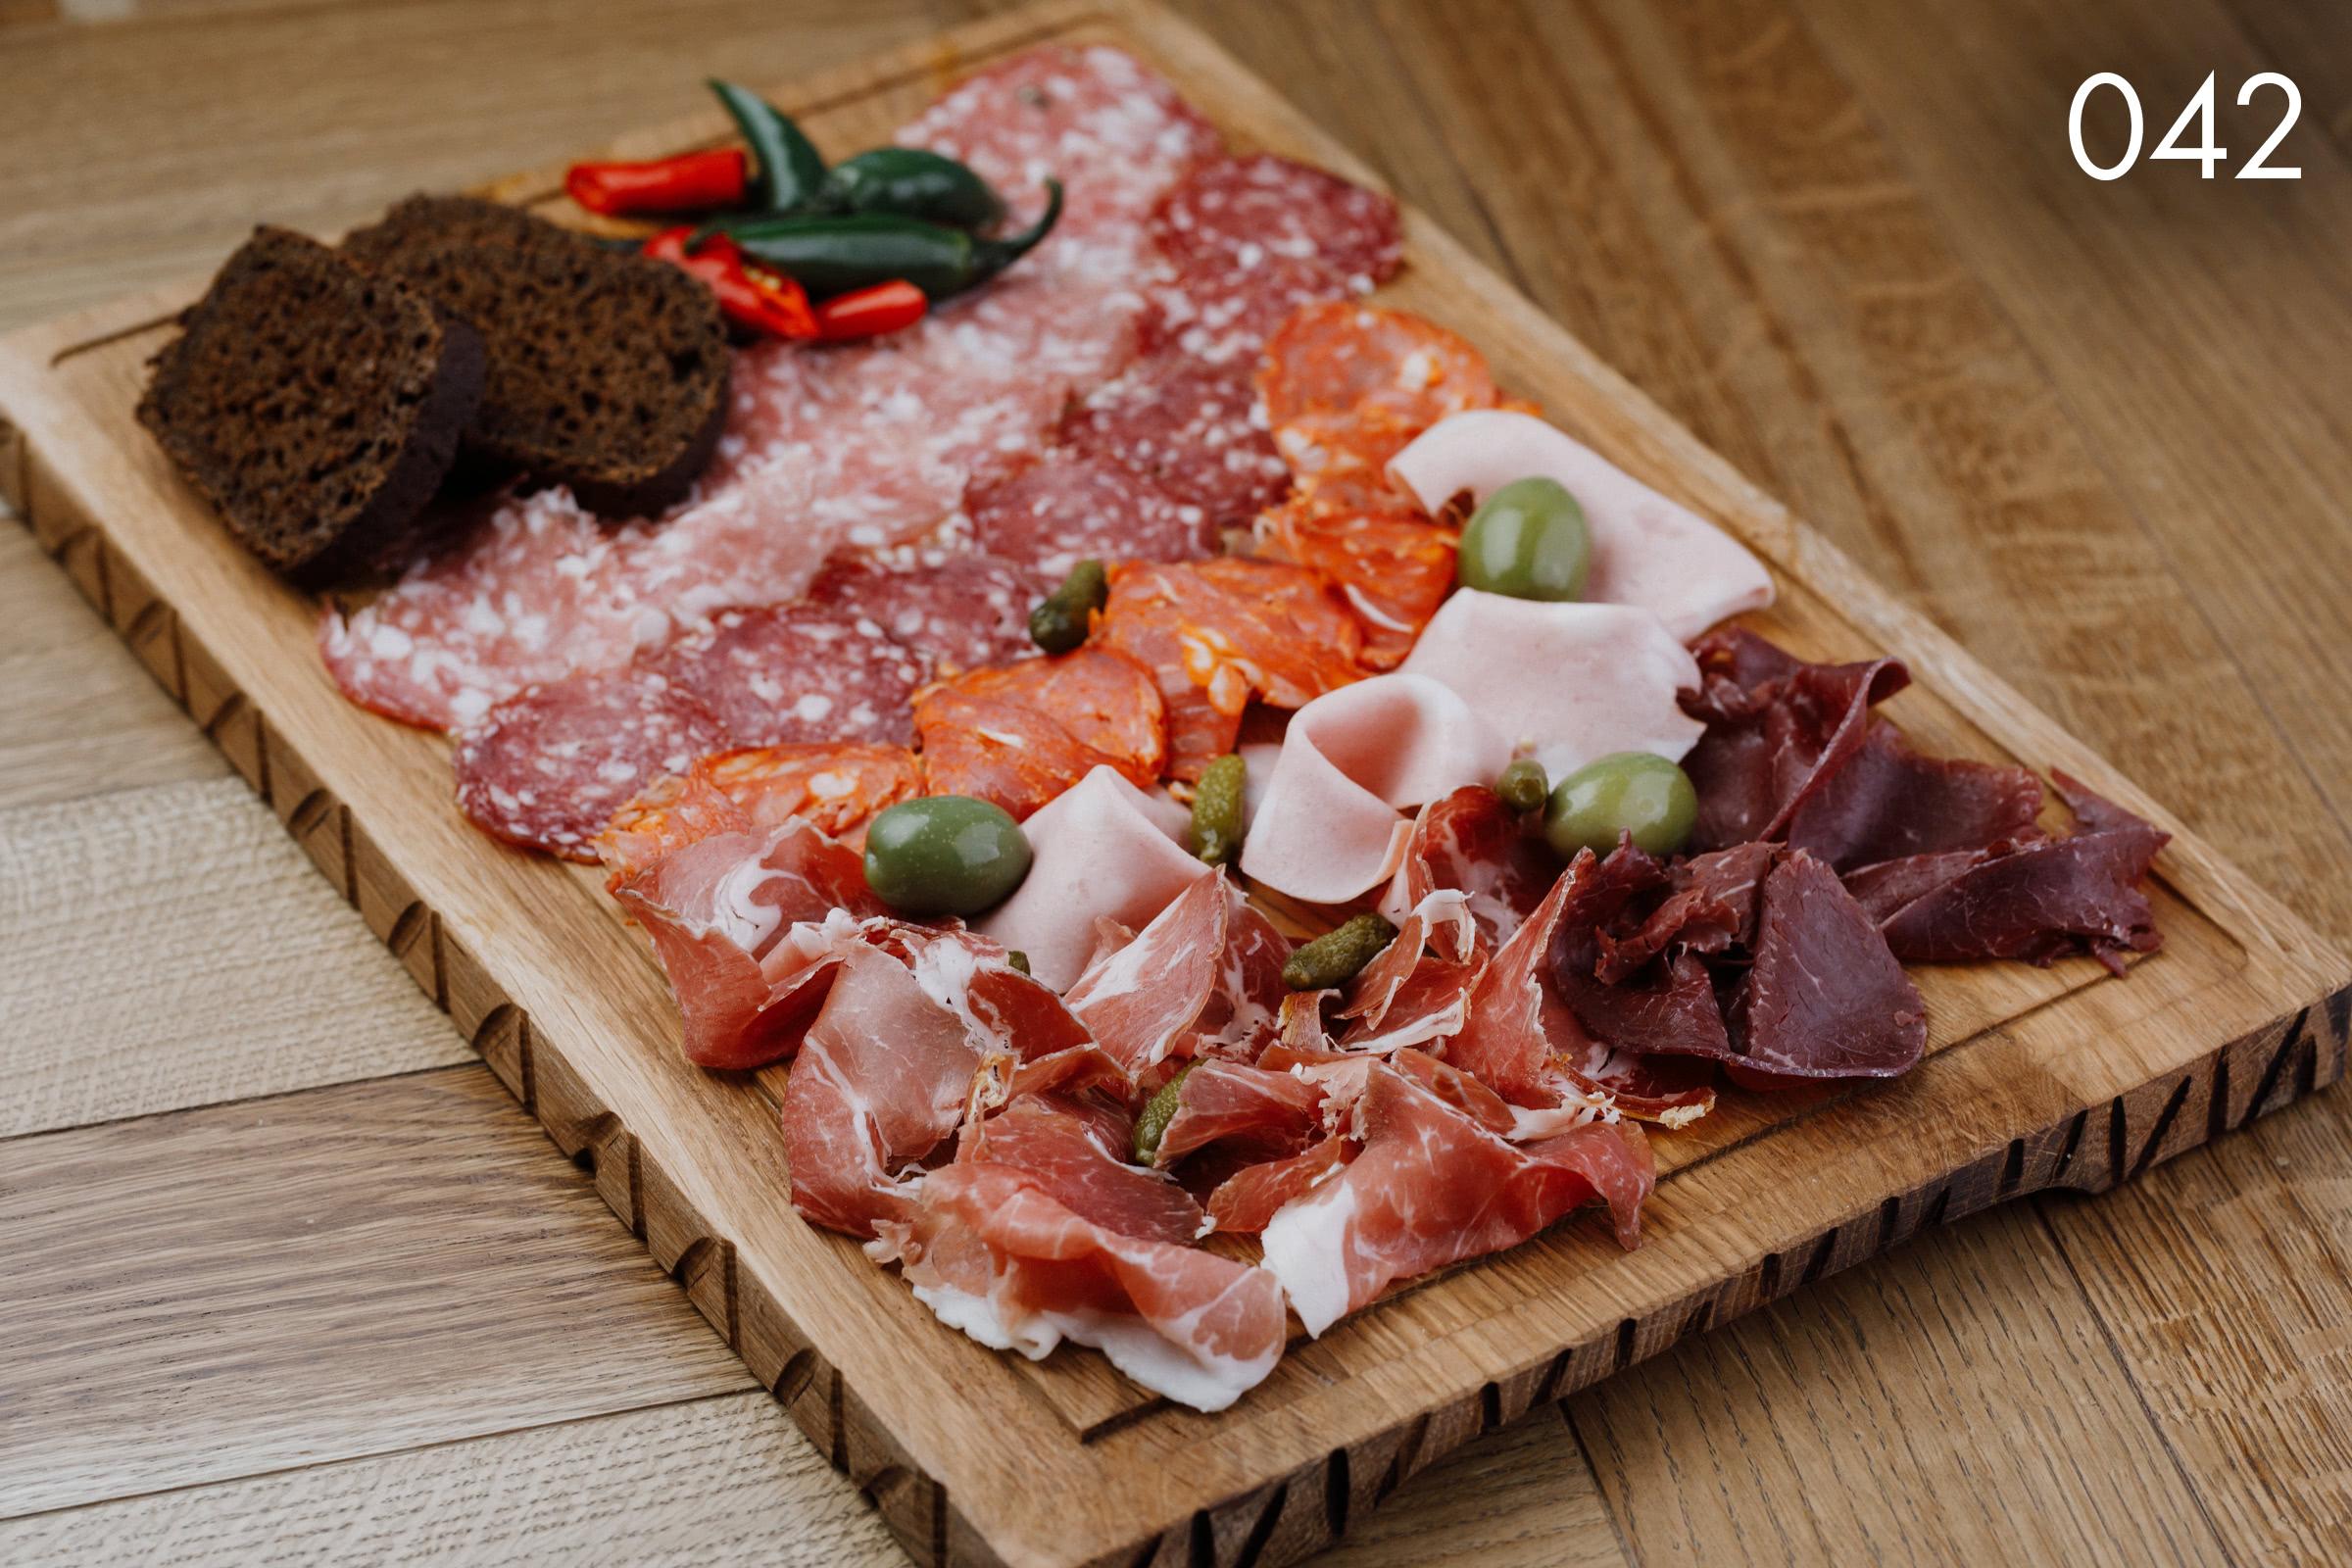 изысканная мясная итальянская гастрономия с лигурскими оливками в ресторане Веранда